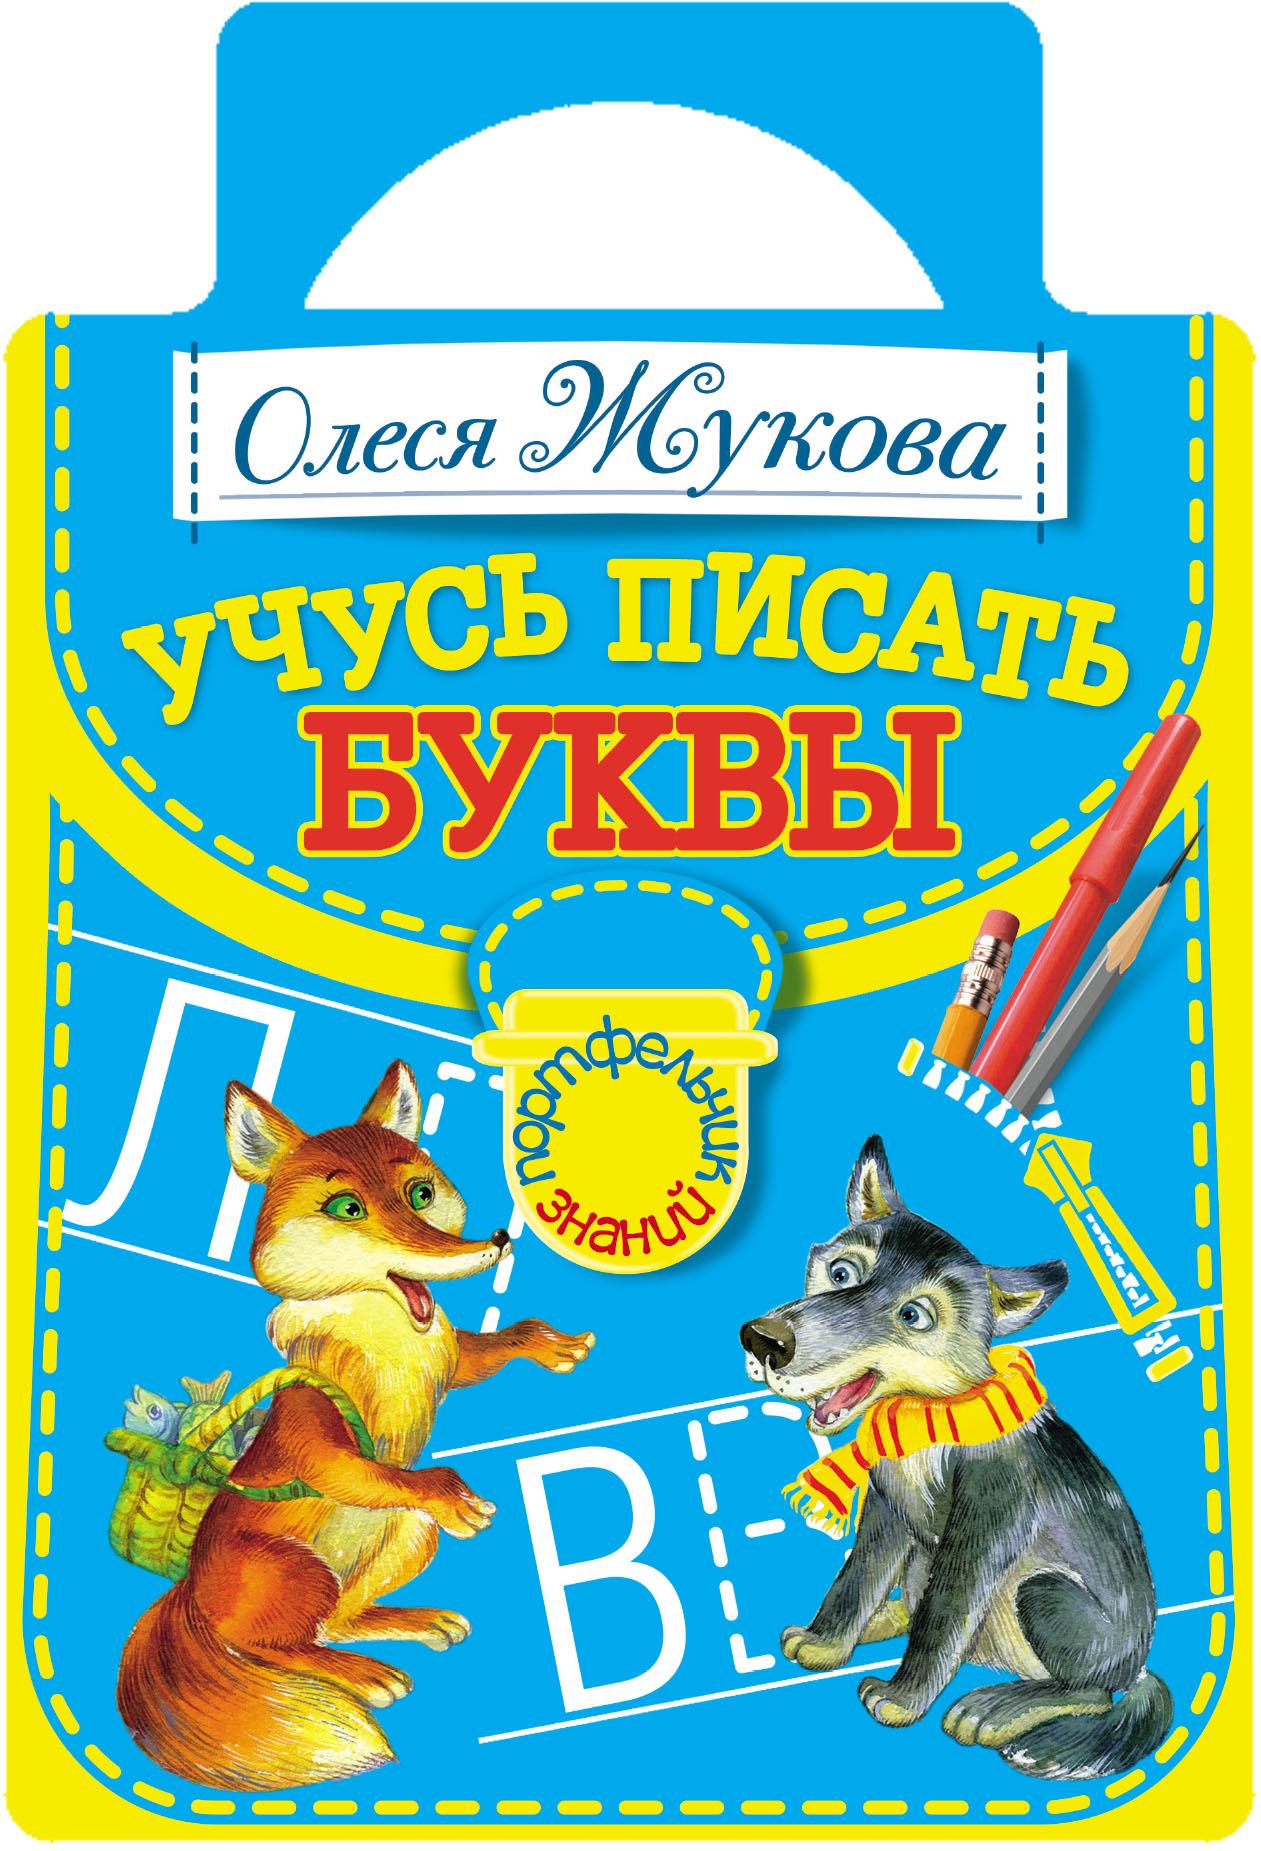 Олеся Жукова Учусь писать буквы обучающие книги clever суперзнатоки я учусь писать буквы